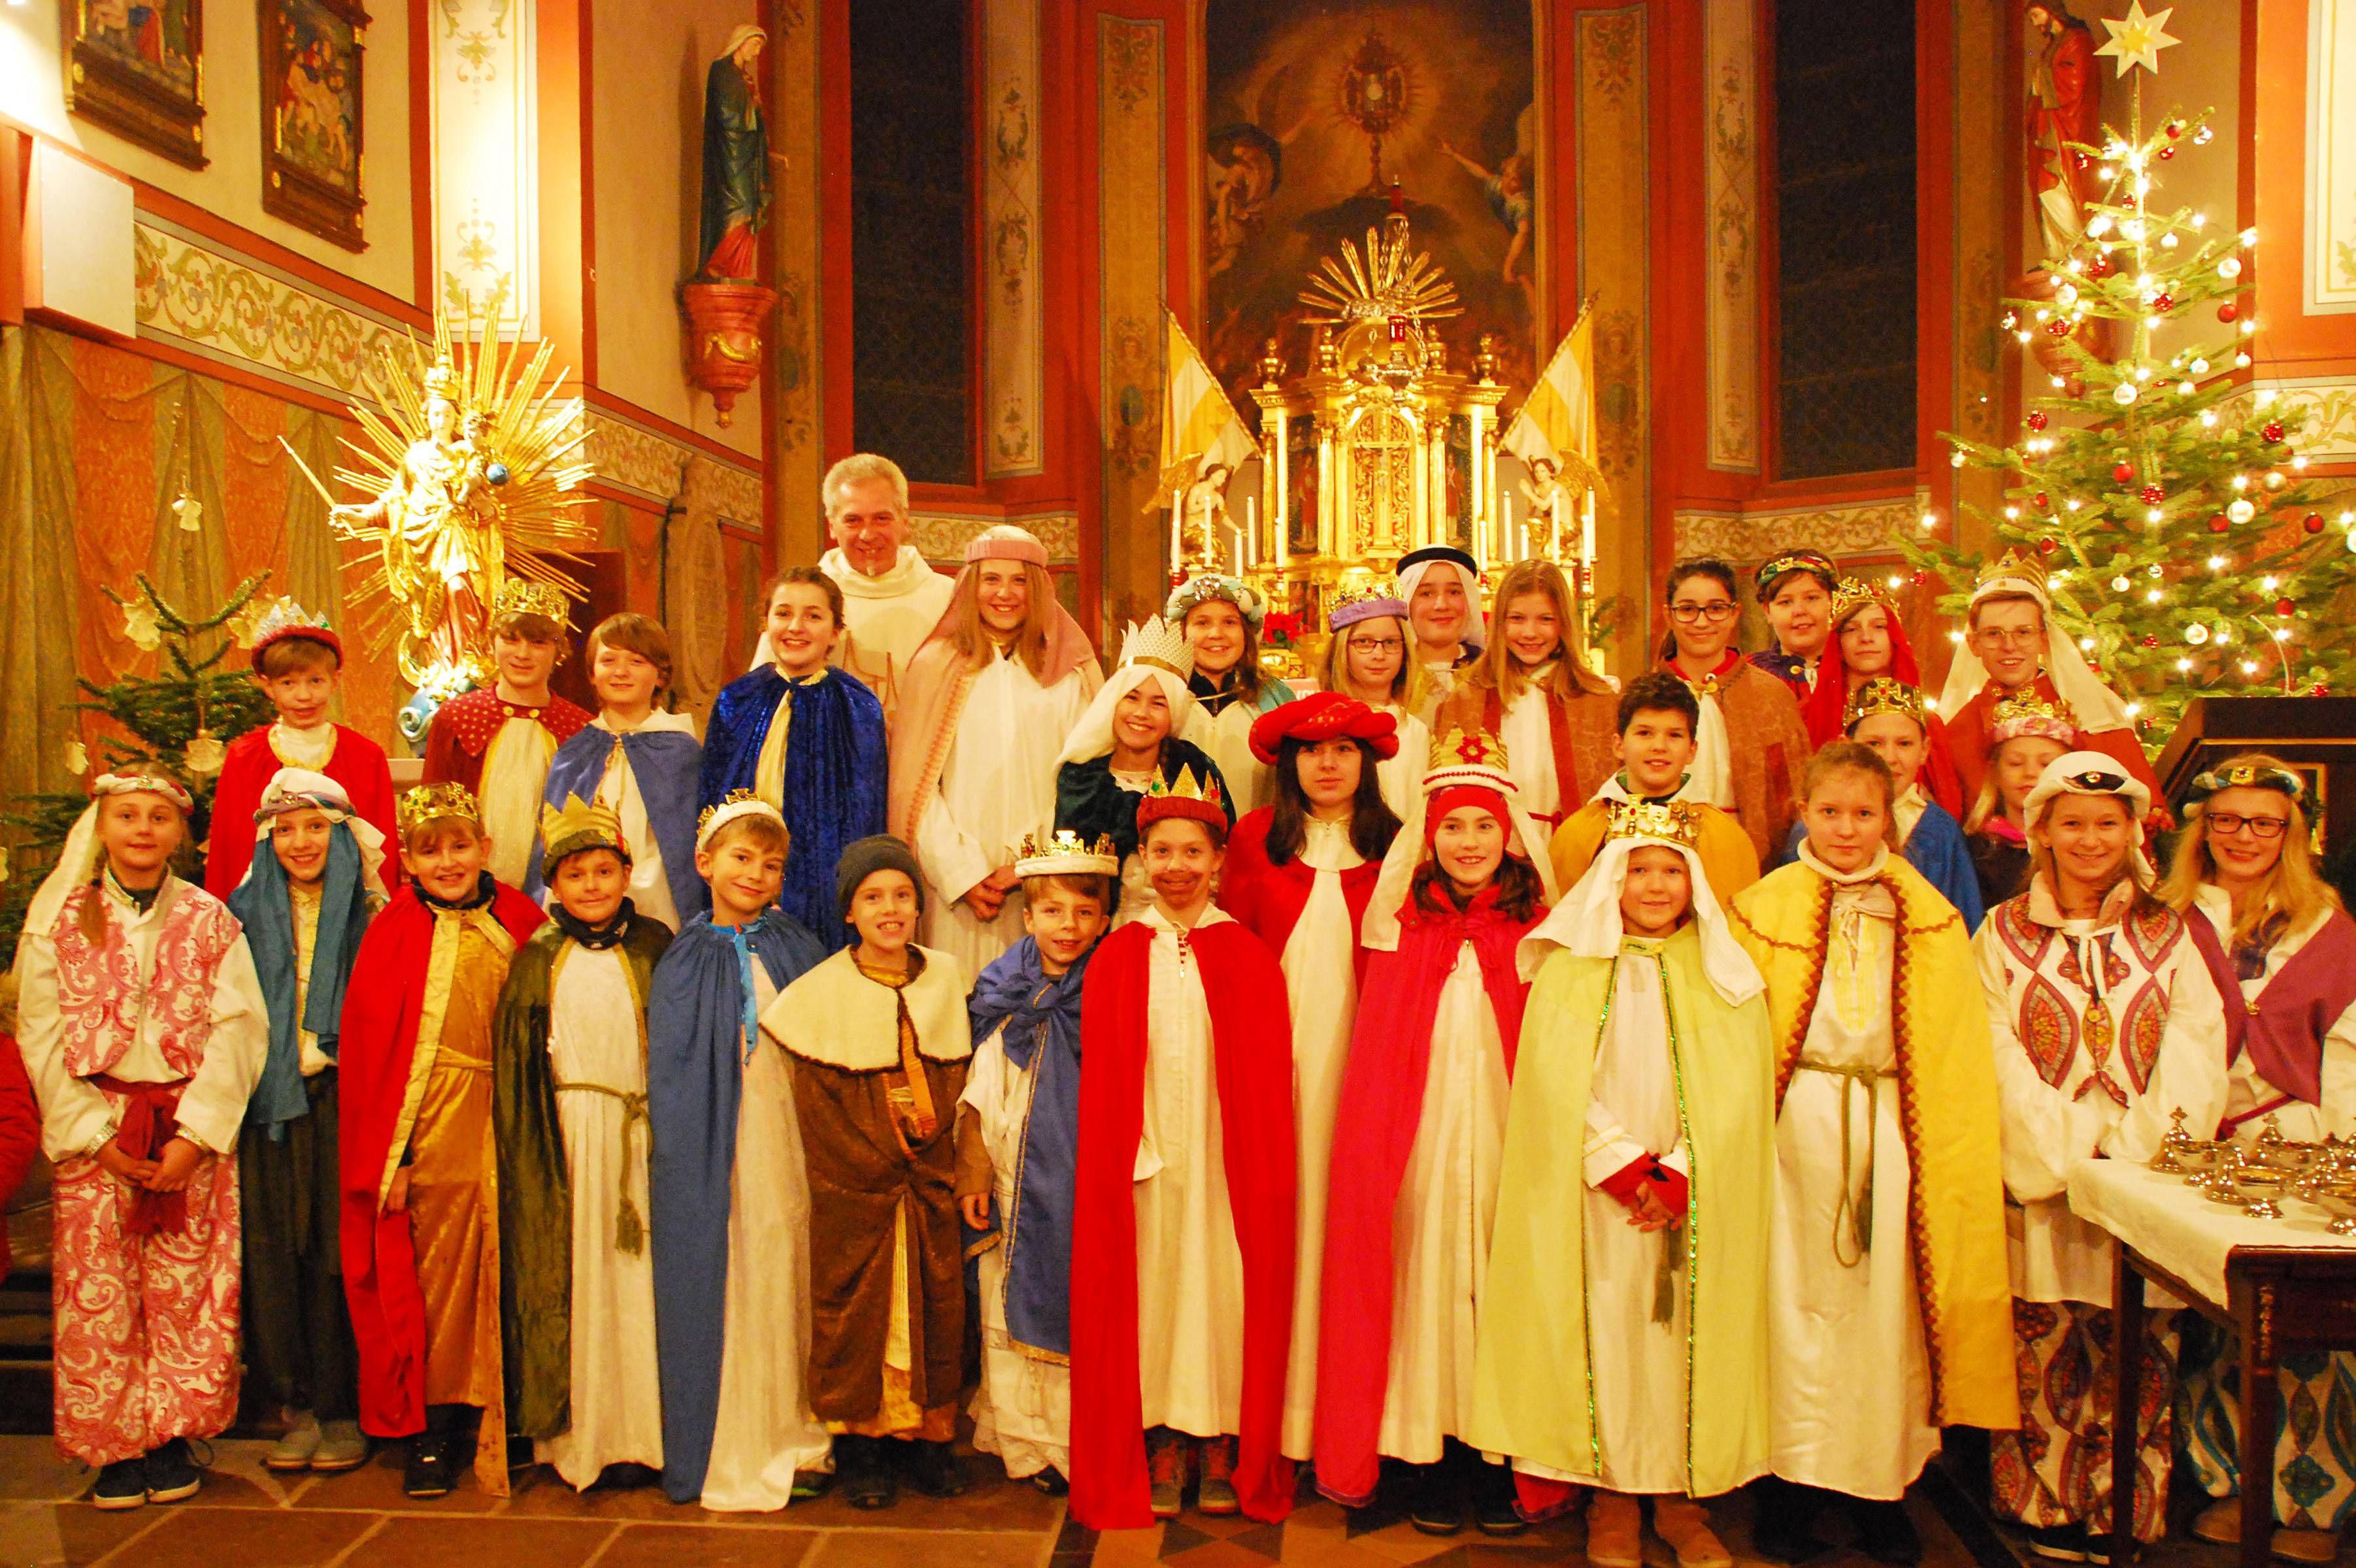 30 Kinder und Jugendliche sind von Pfarrer Andreas Reuter ausgesandt worden, um den Sailaufer Ortsbewohnern (Dekanat Aschaffenburg-Ost) Gottes Segen zum Neuen Jahr zu bringen und Spenden für Kinder in Not zu sammeln.